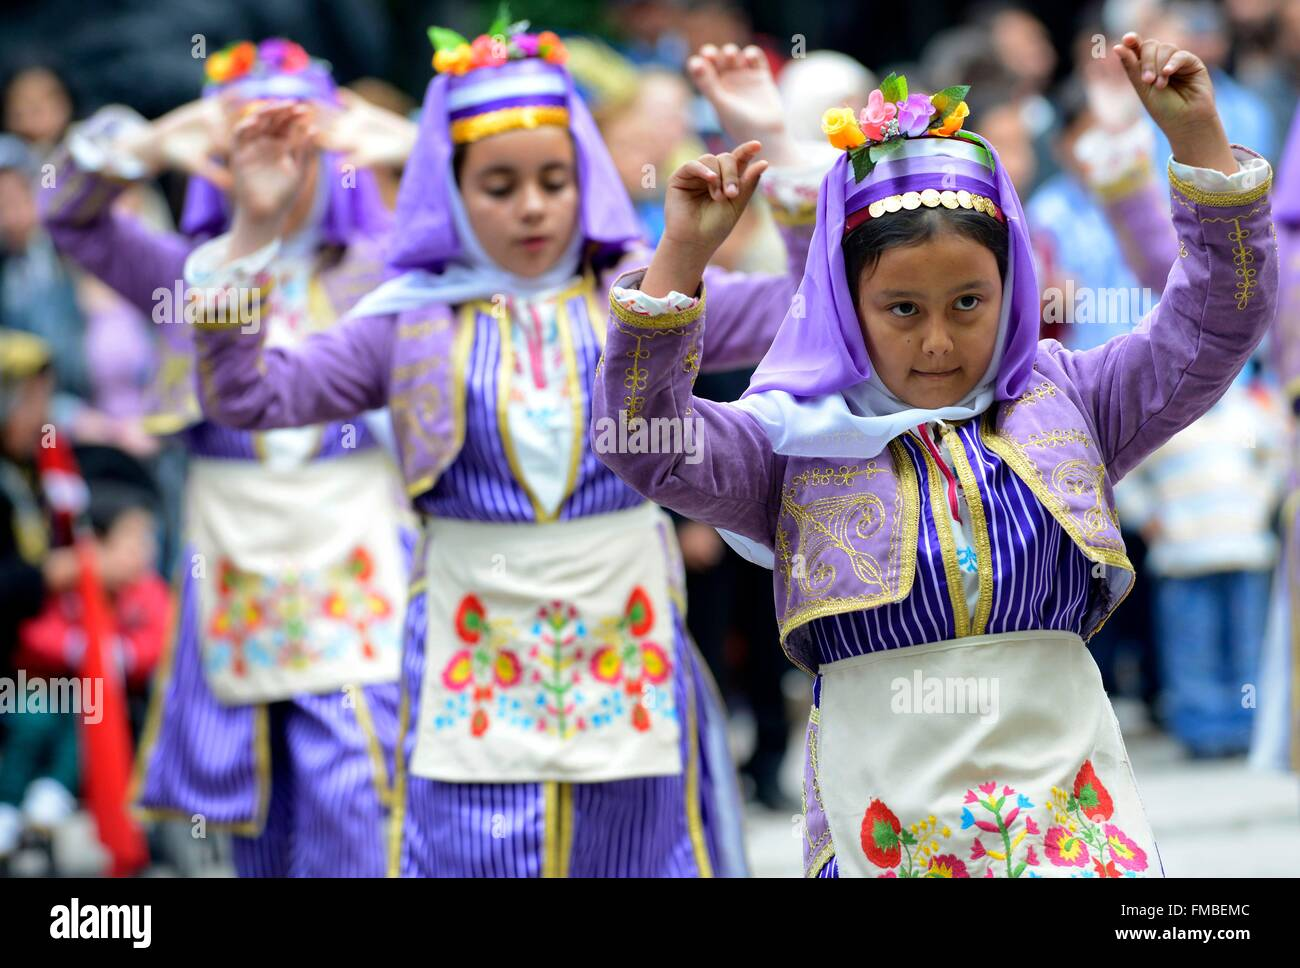 La Turchia, regione di Marmara, Bandirma, bambini durante una manifestazione tradizionale in occasione del bagno Immagini Stock